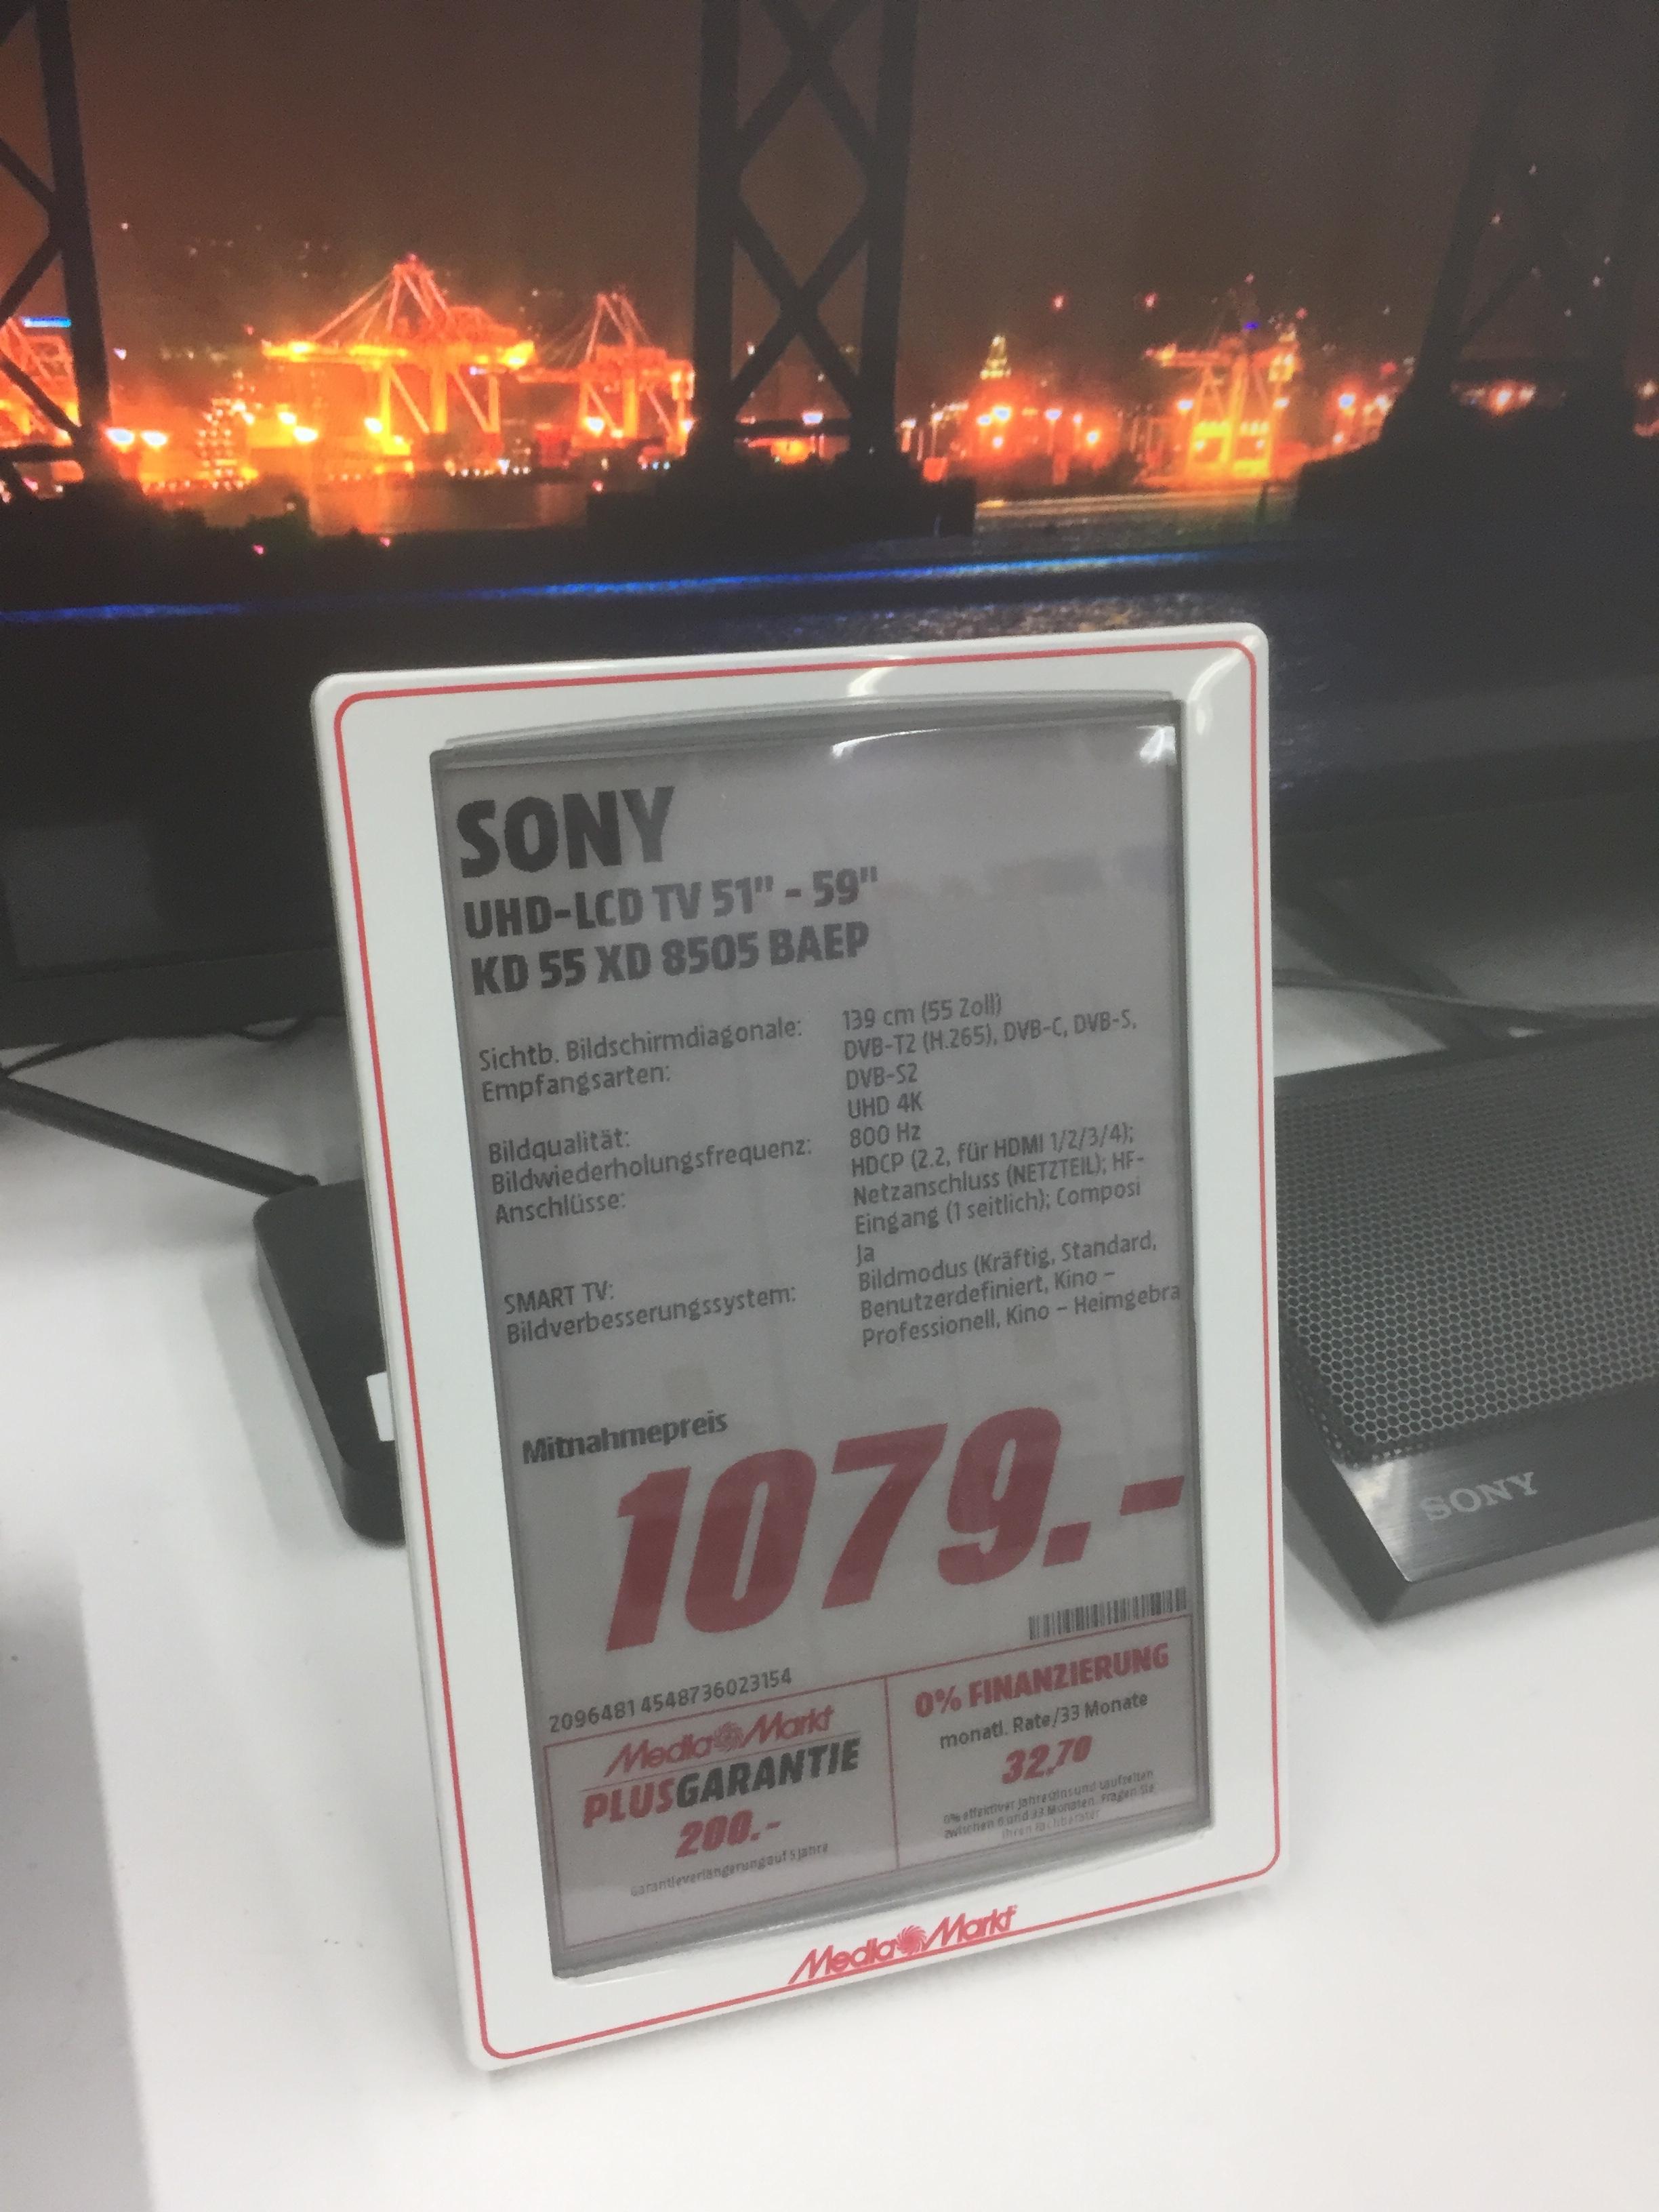 Lokal Mediamarkt Elmshorn: Sony 55XD8505